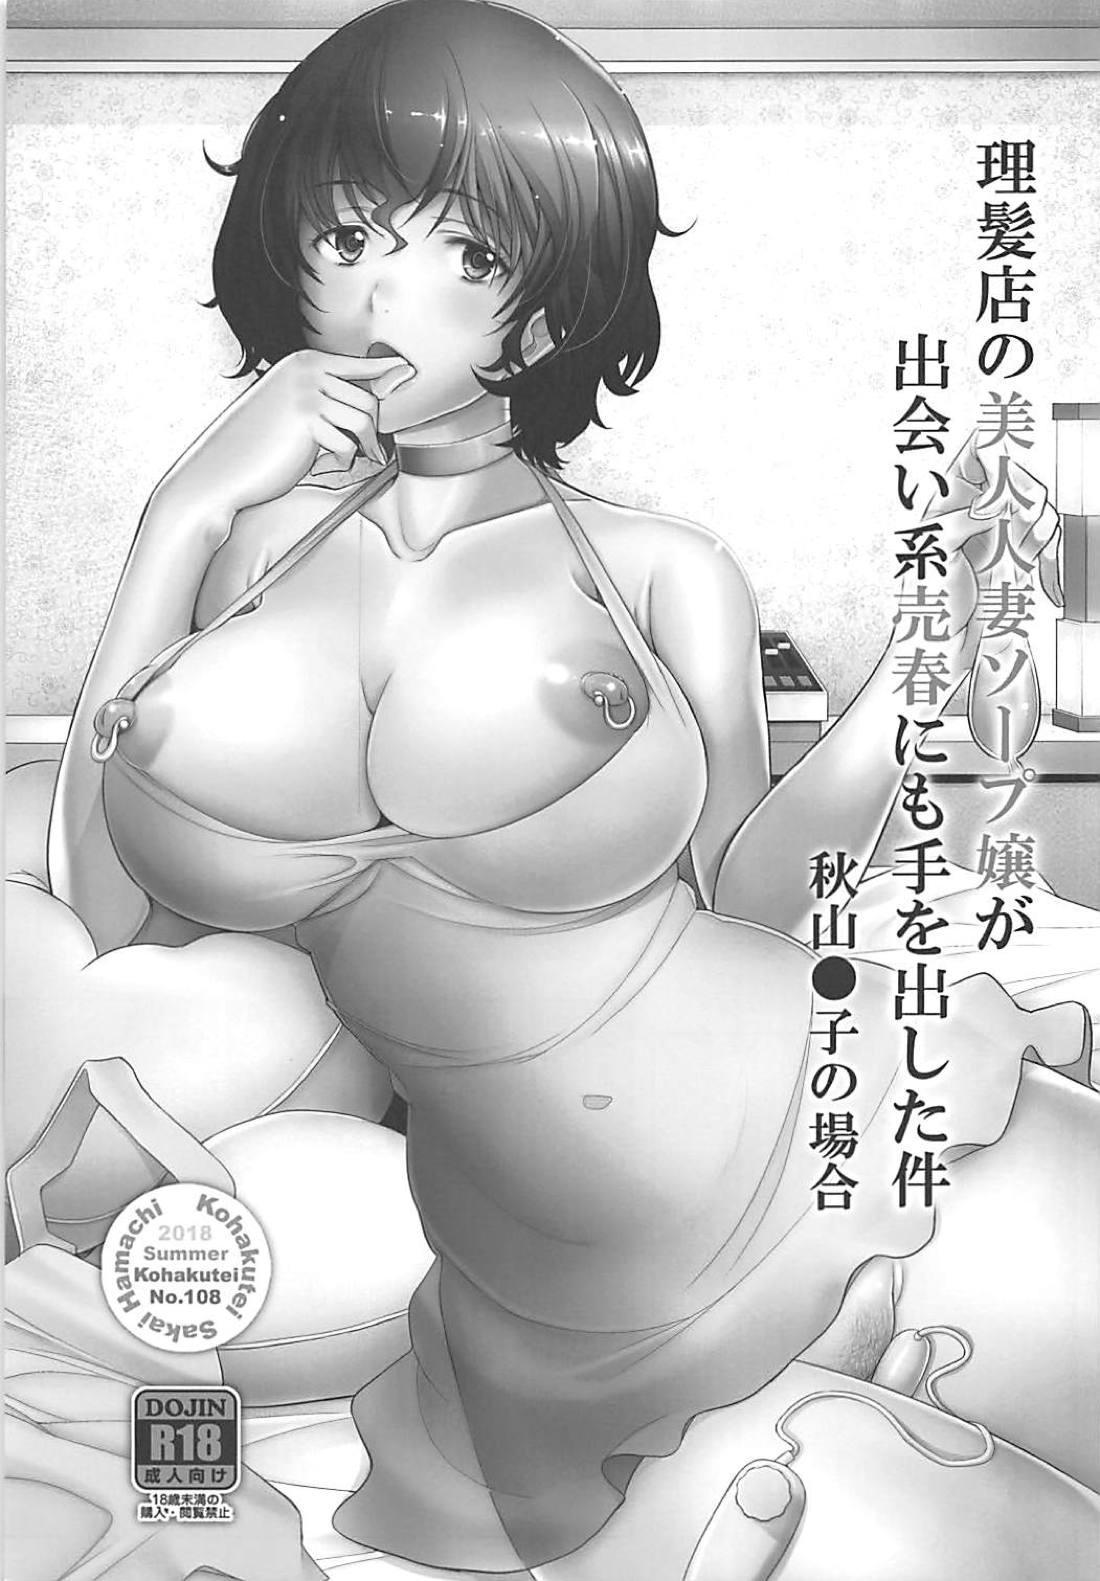 Rihatsuten no Bijin Hitozuma Soap-jou ga Deaikei Baishun ni mo Te o Dashita Ken 1